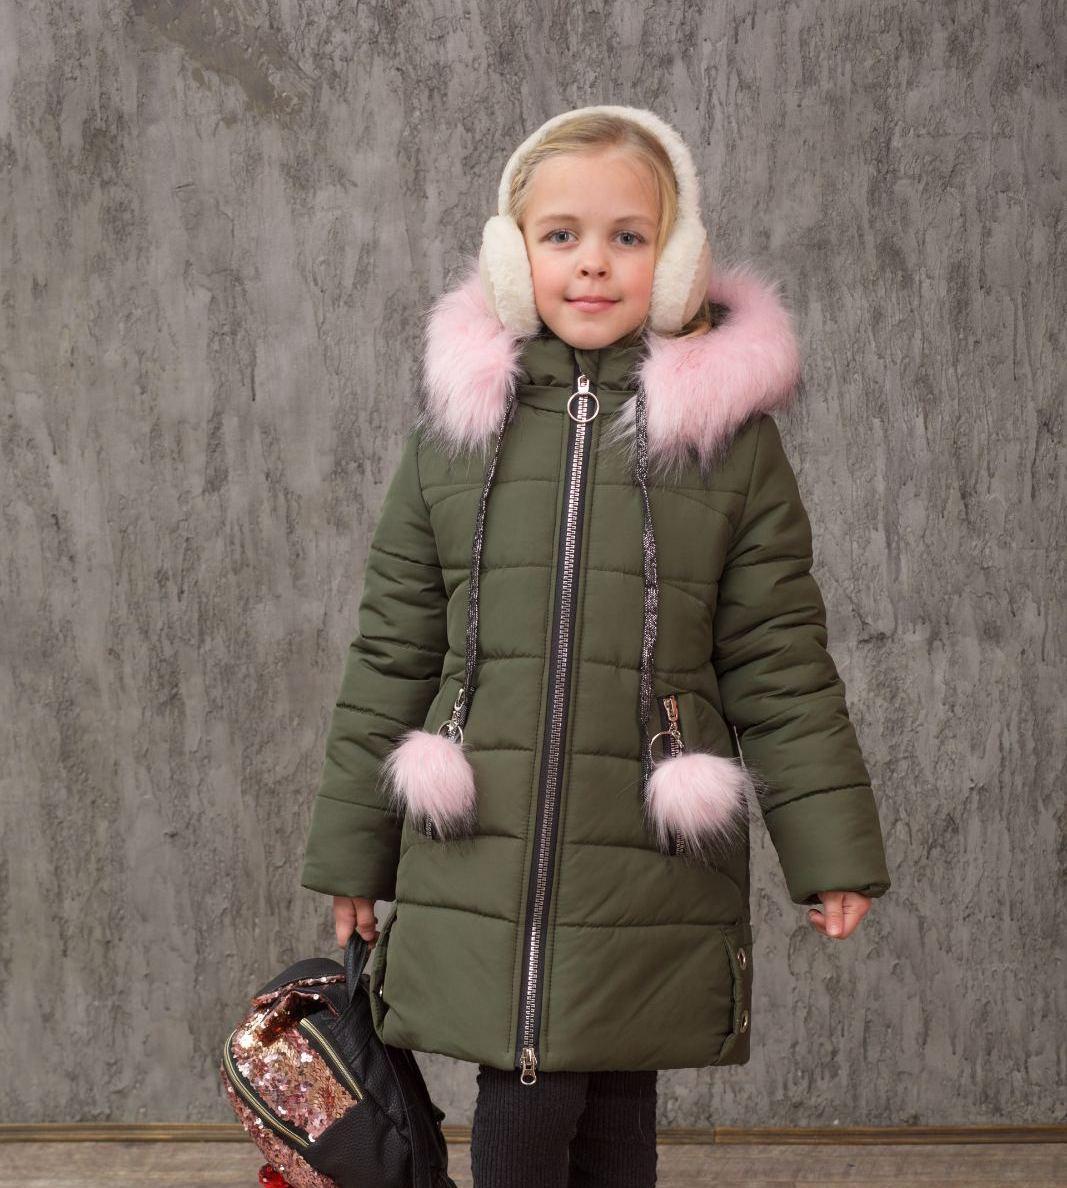 Зимняя куртка пальто на девочку удлиненная курточка детская теплая на синтепоне хаки 6-11 лет